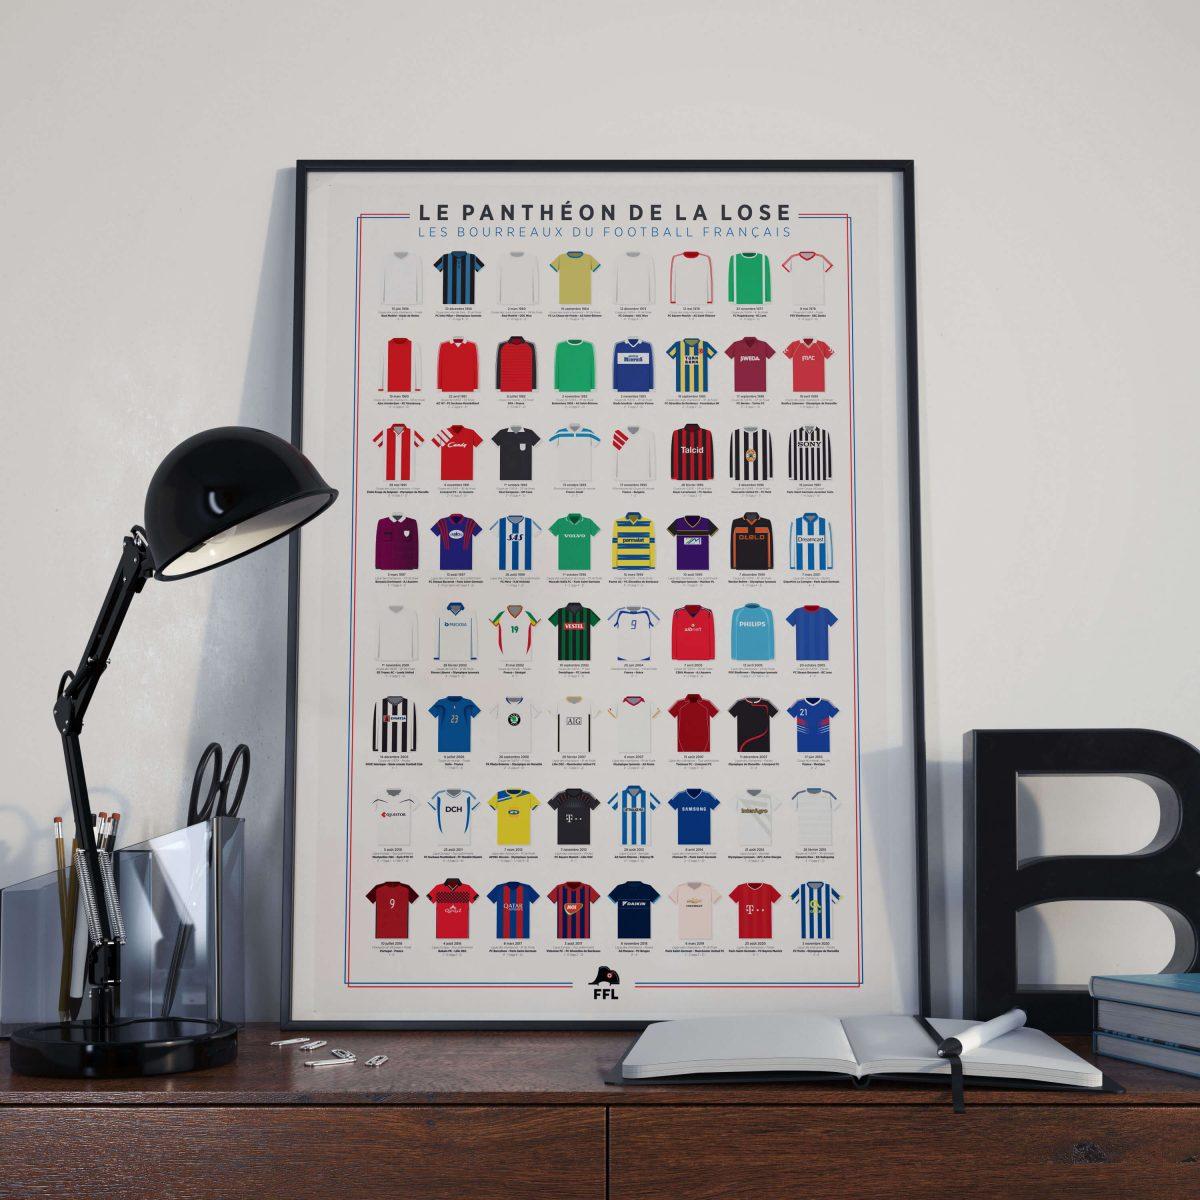 Affiche football FFL Panthéon de la Lose